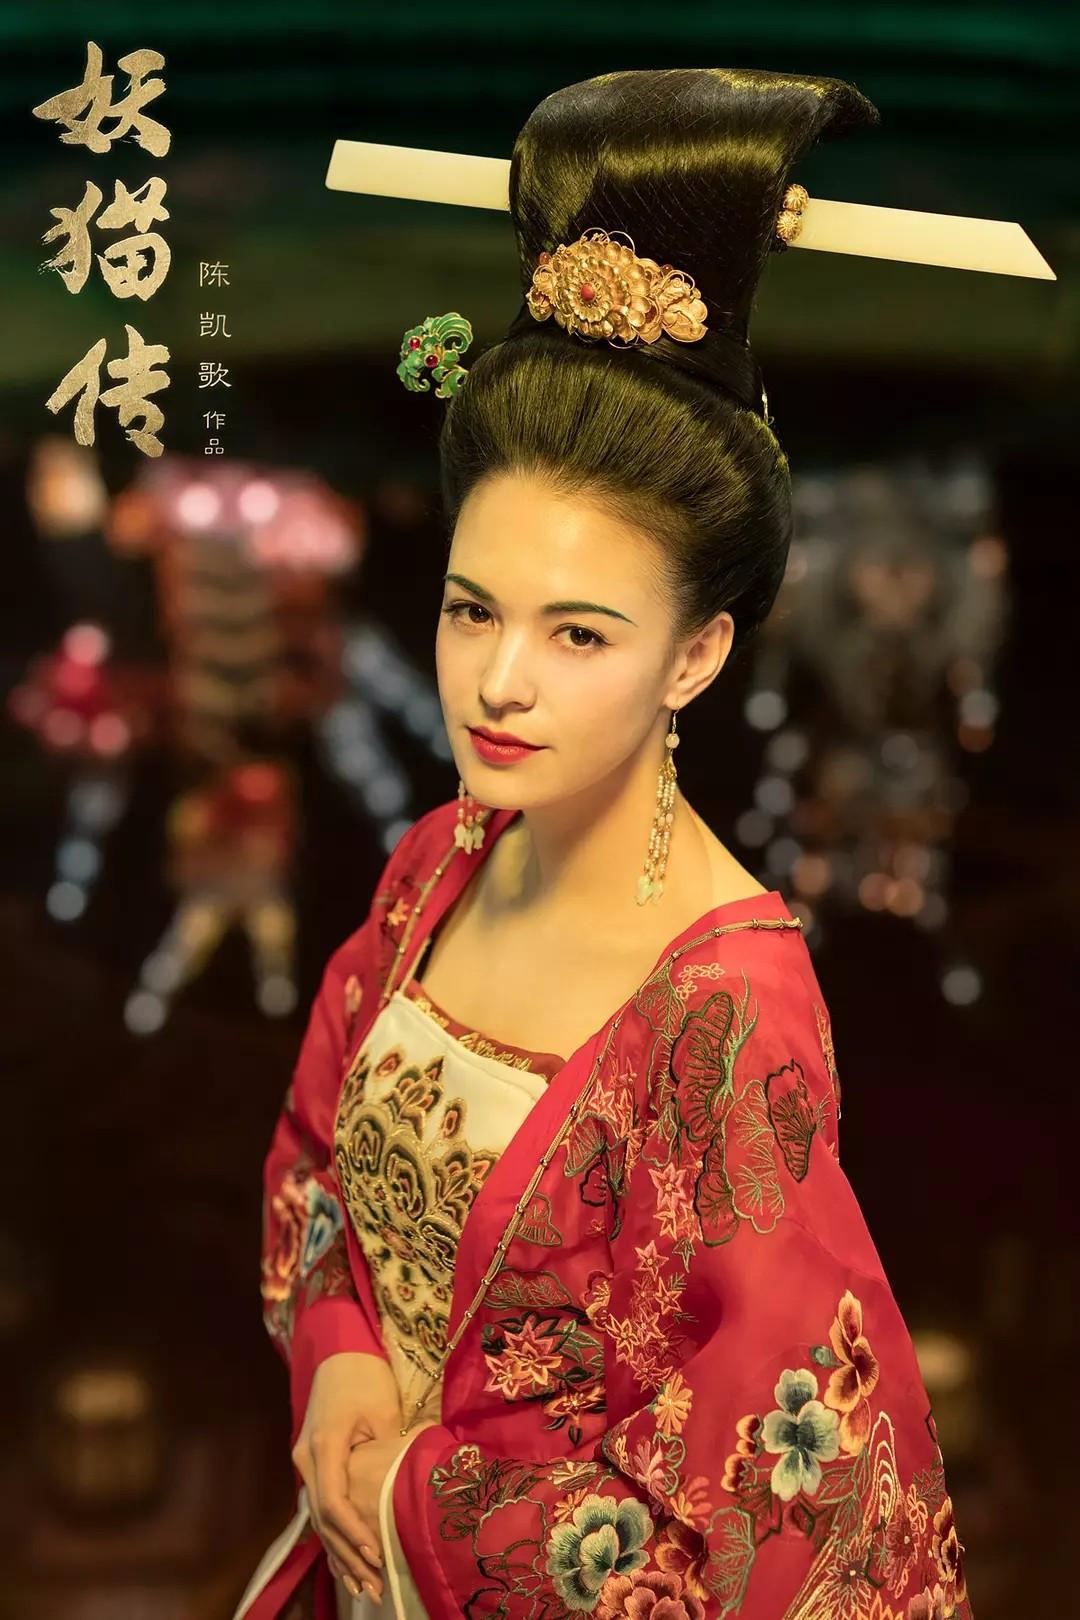 没有洋贵妃的混血美,但我可知道《妖猫传》三美争艳的精髓